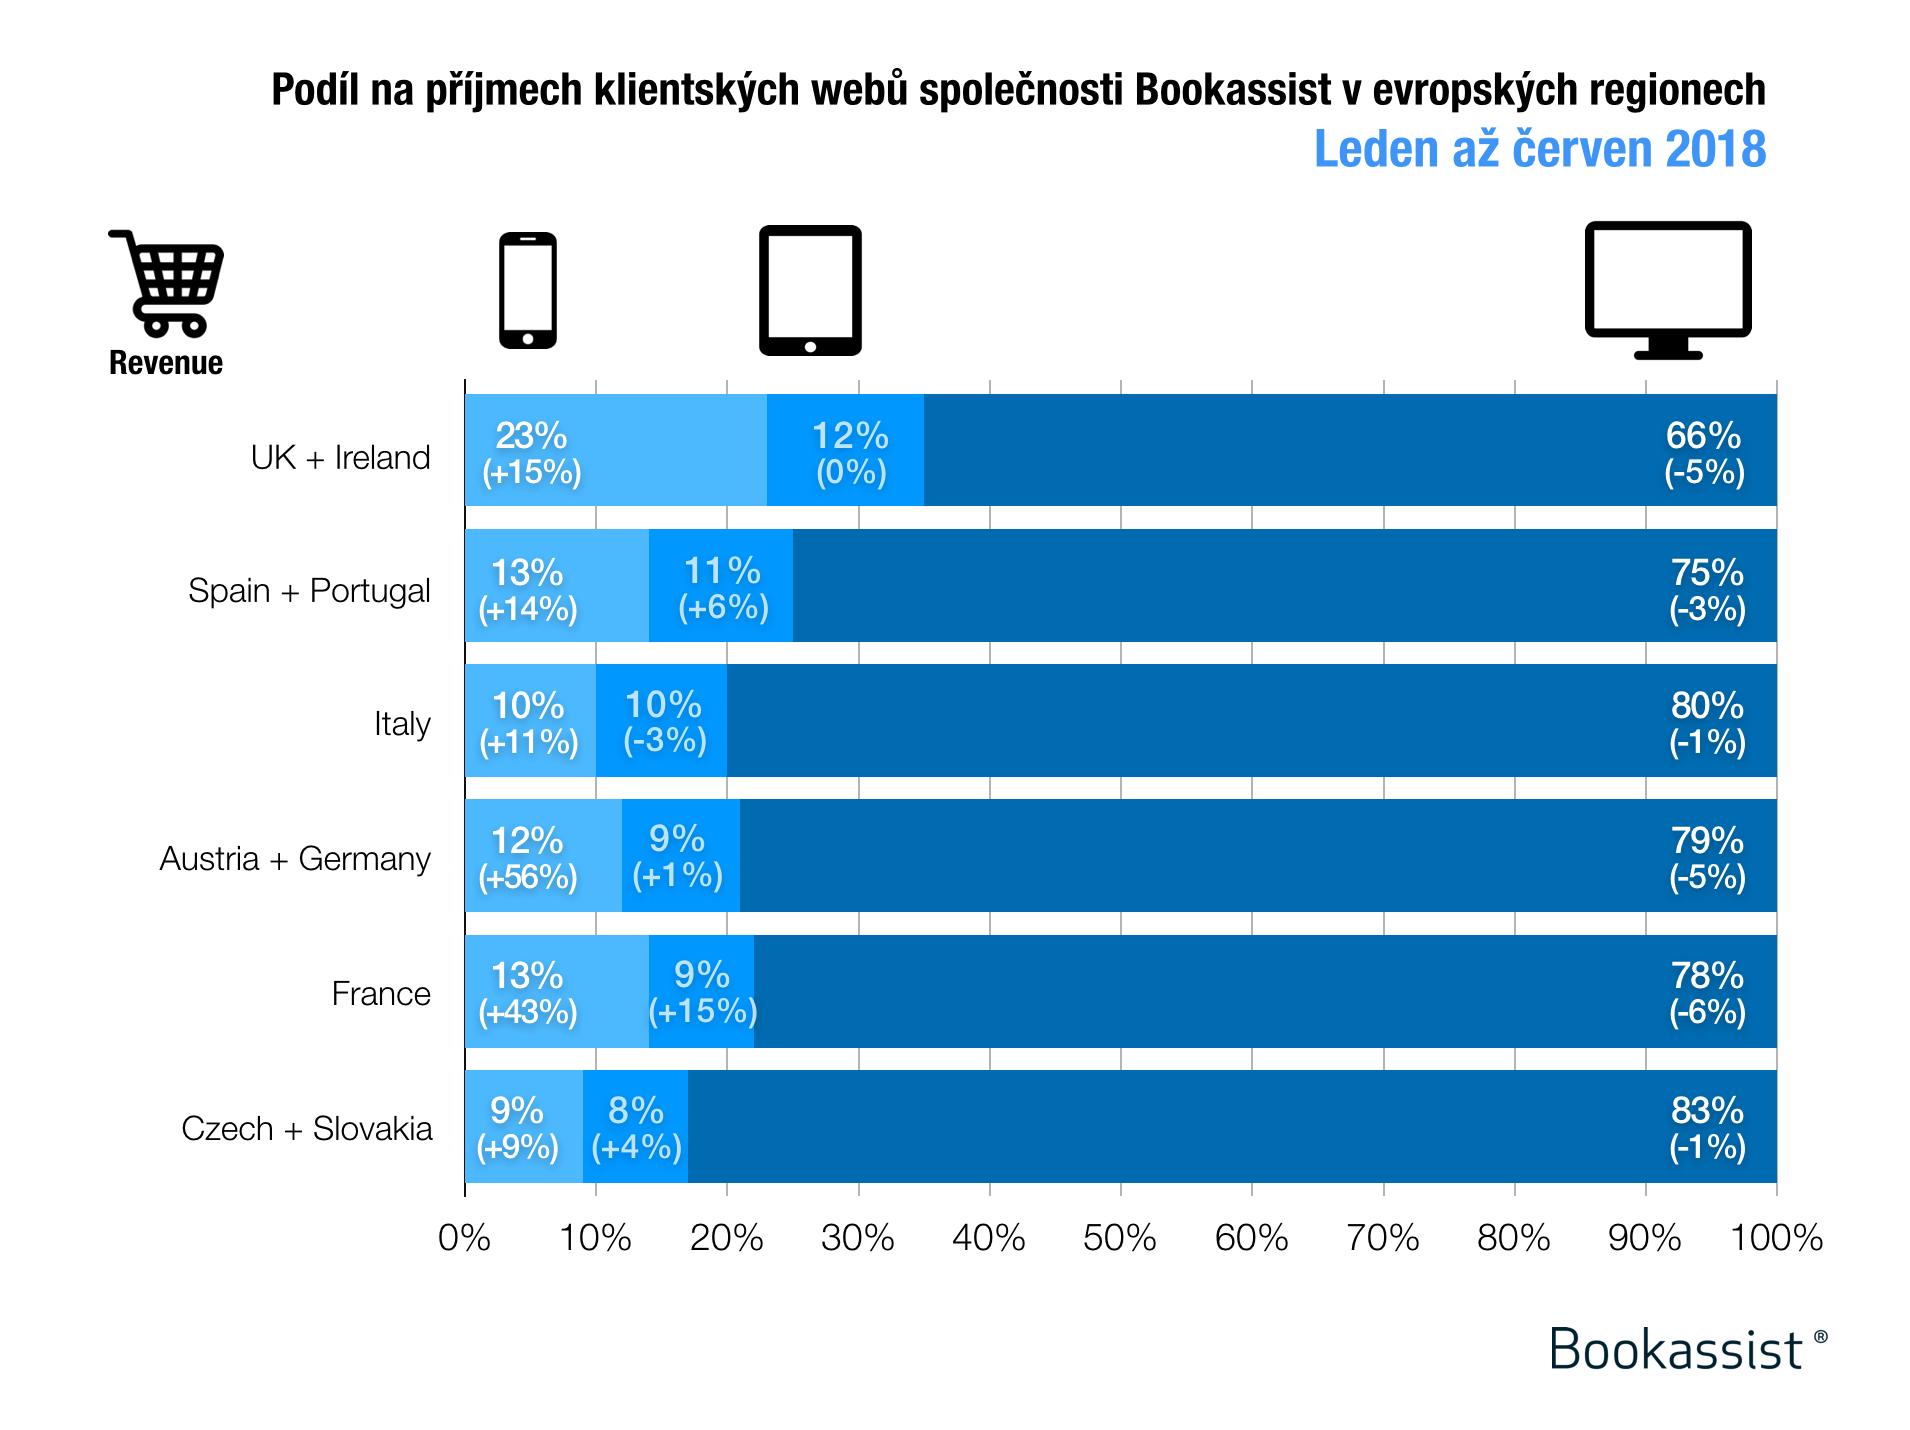 Podíl na příjmech na evropských hotelových webech klientů společnosti Bookassist podle zařízení od ledna do června 2018